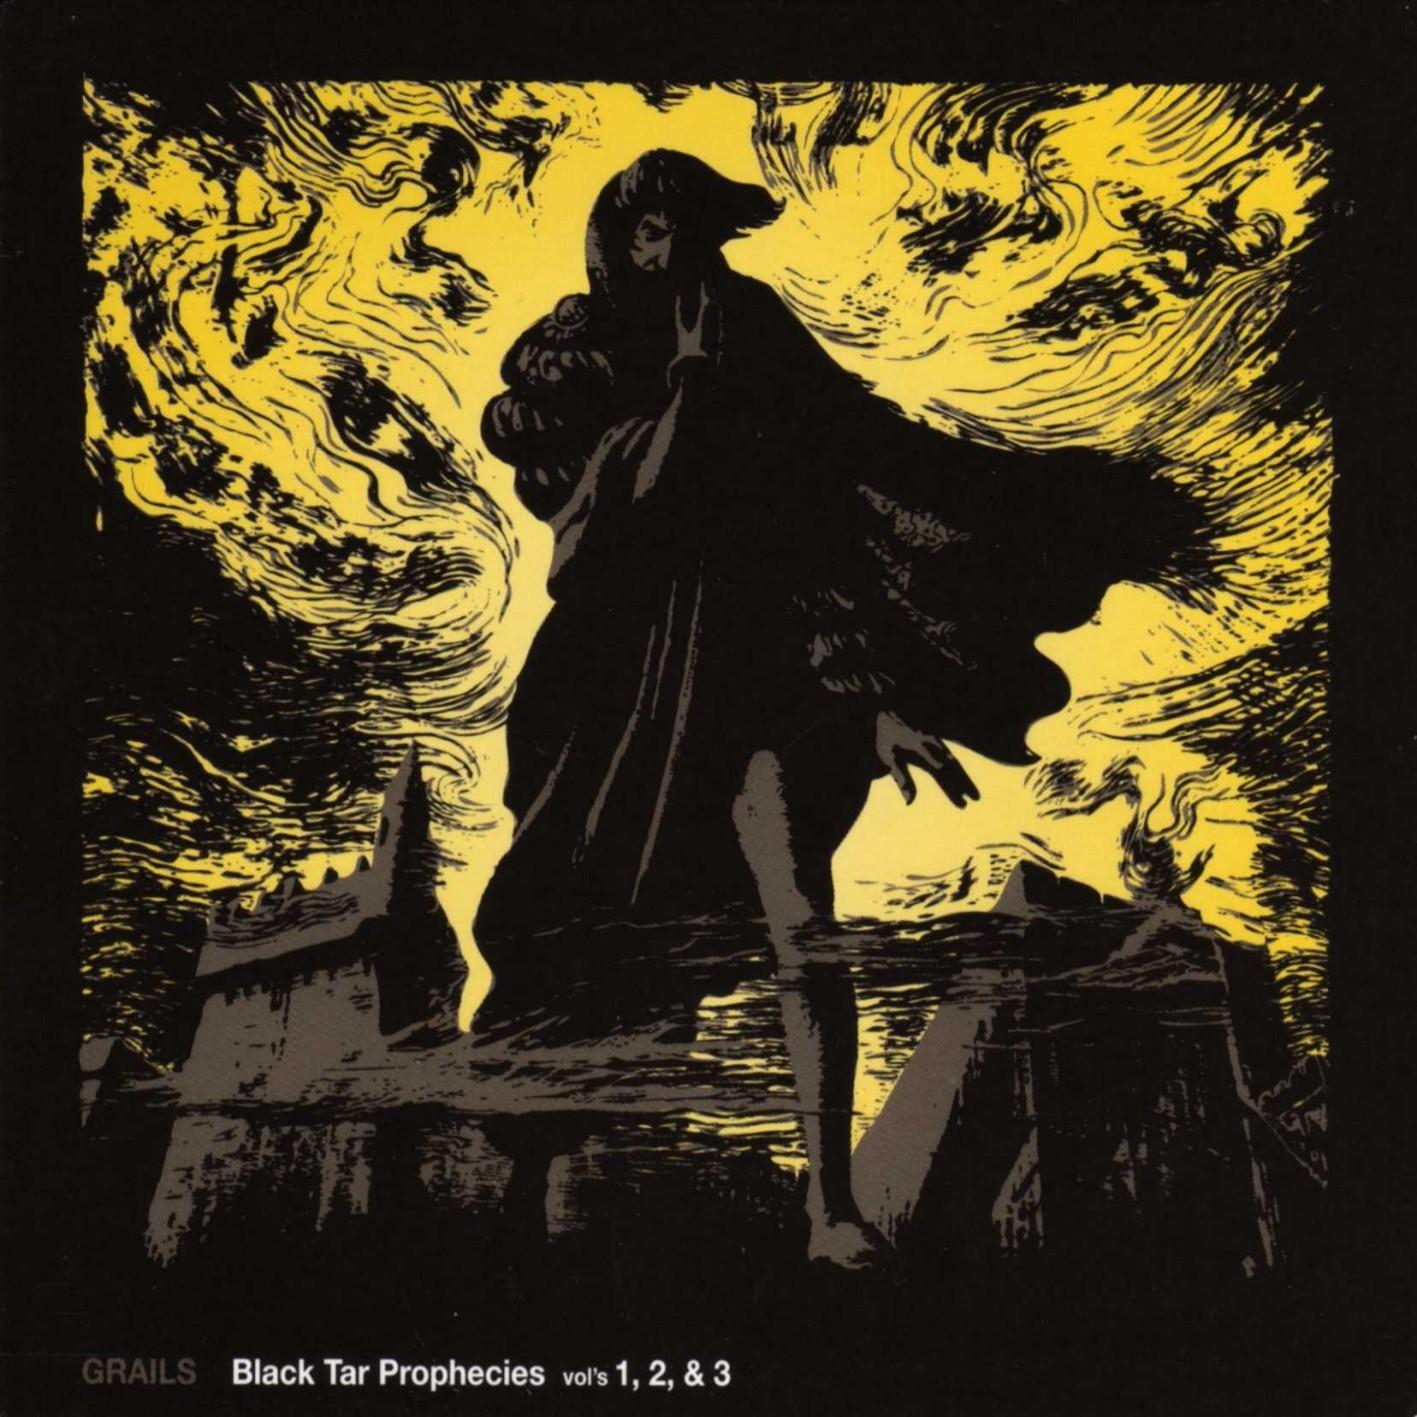 Grails - Black Tar Prophecies Vol's 1, 2, & 3 LP